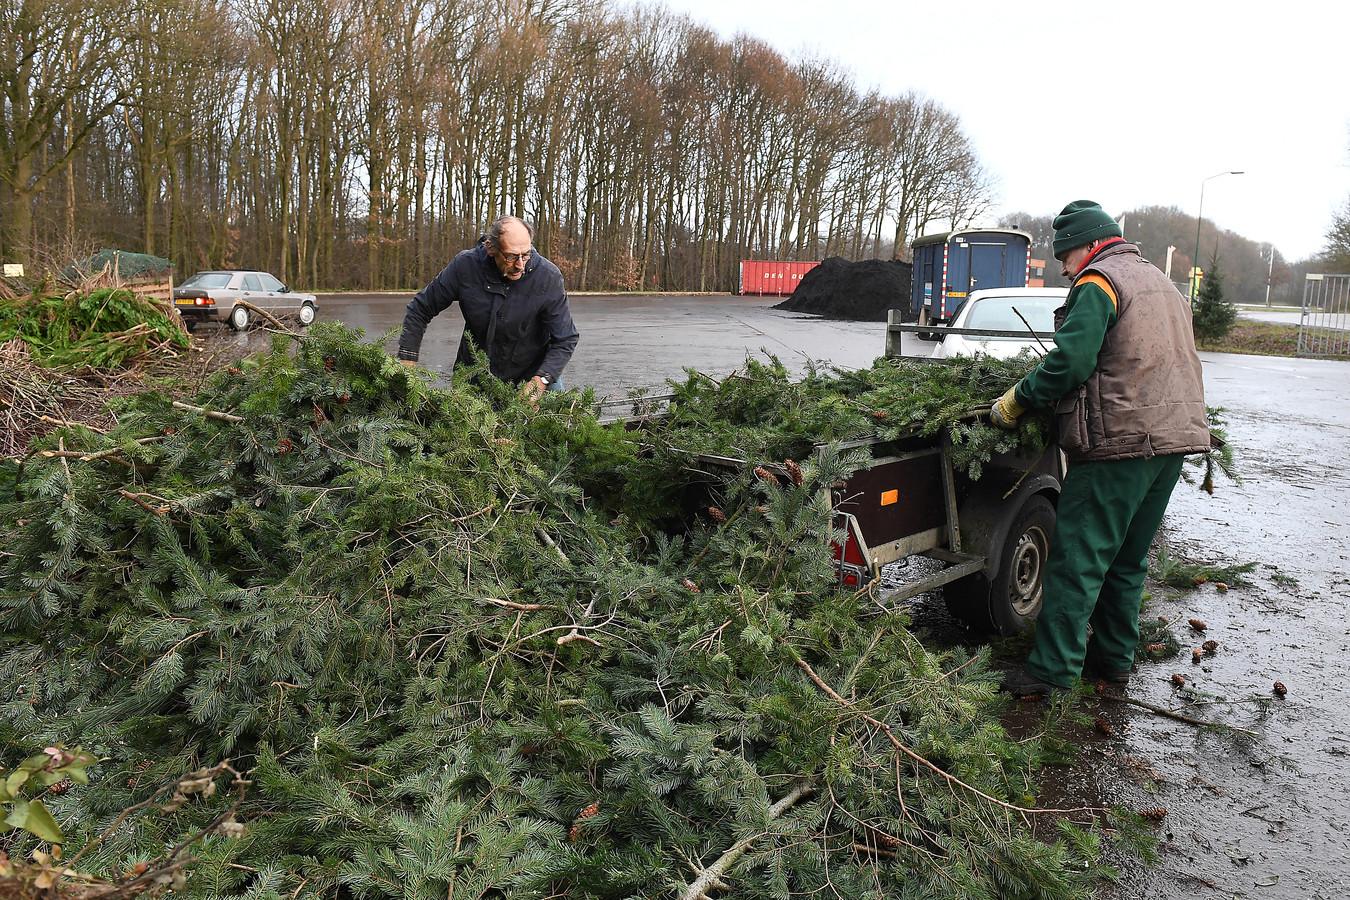 Bij de milieustraat in Haps, waar ook de Boekelaren terecht moeten met hun afval, wordt de laatste weken aanzienlijk minder groenafval aangevoerd.